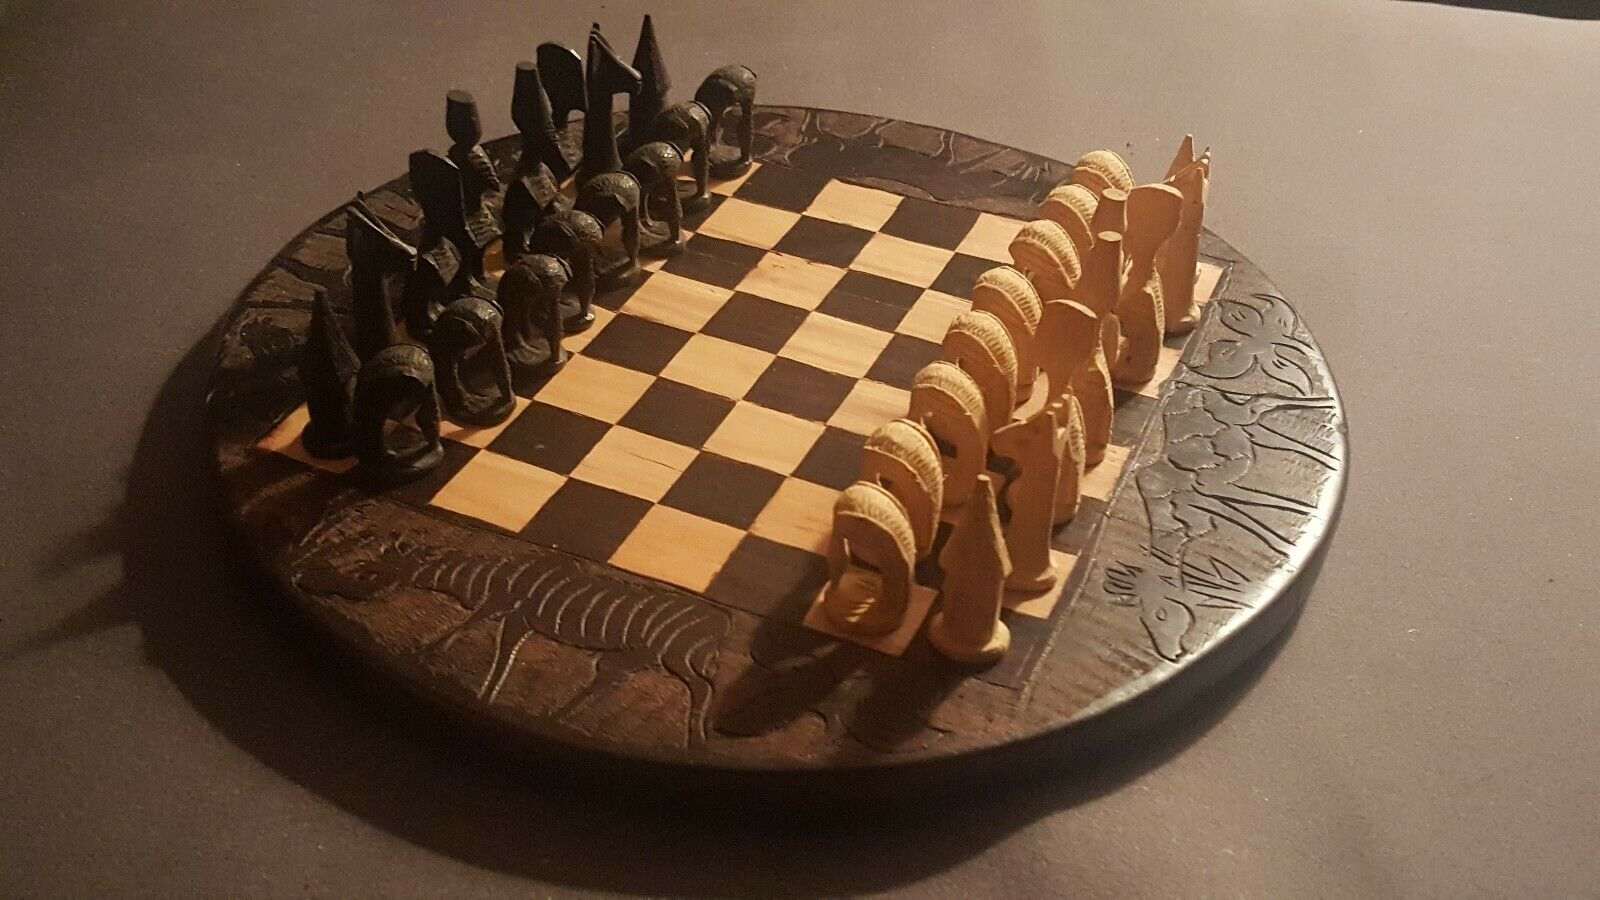 Tablero de ajedrez africano antiguo tallado tallado tallado a mano 485